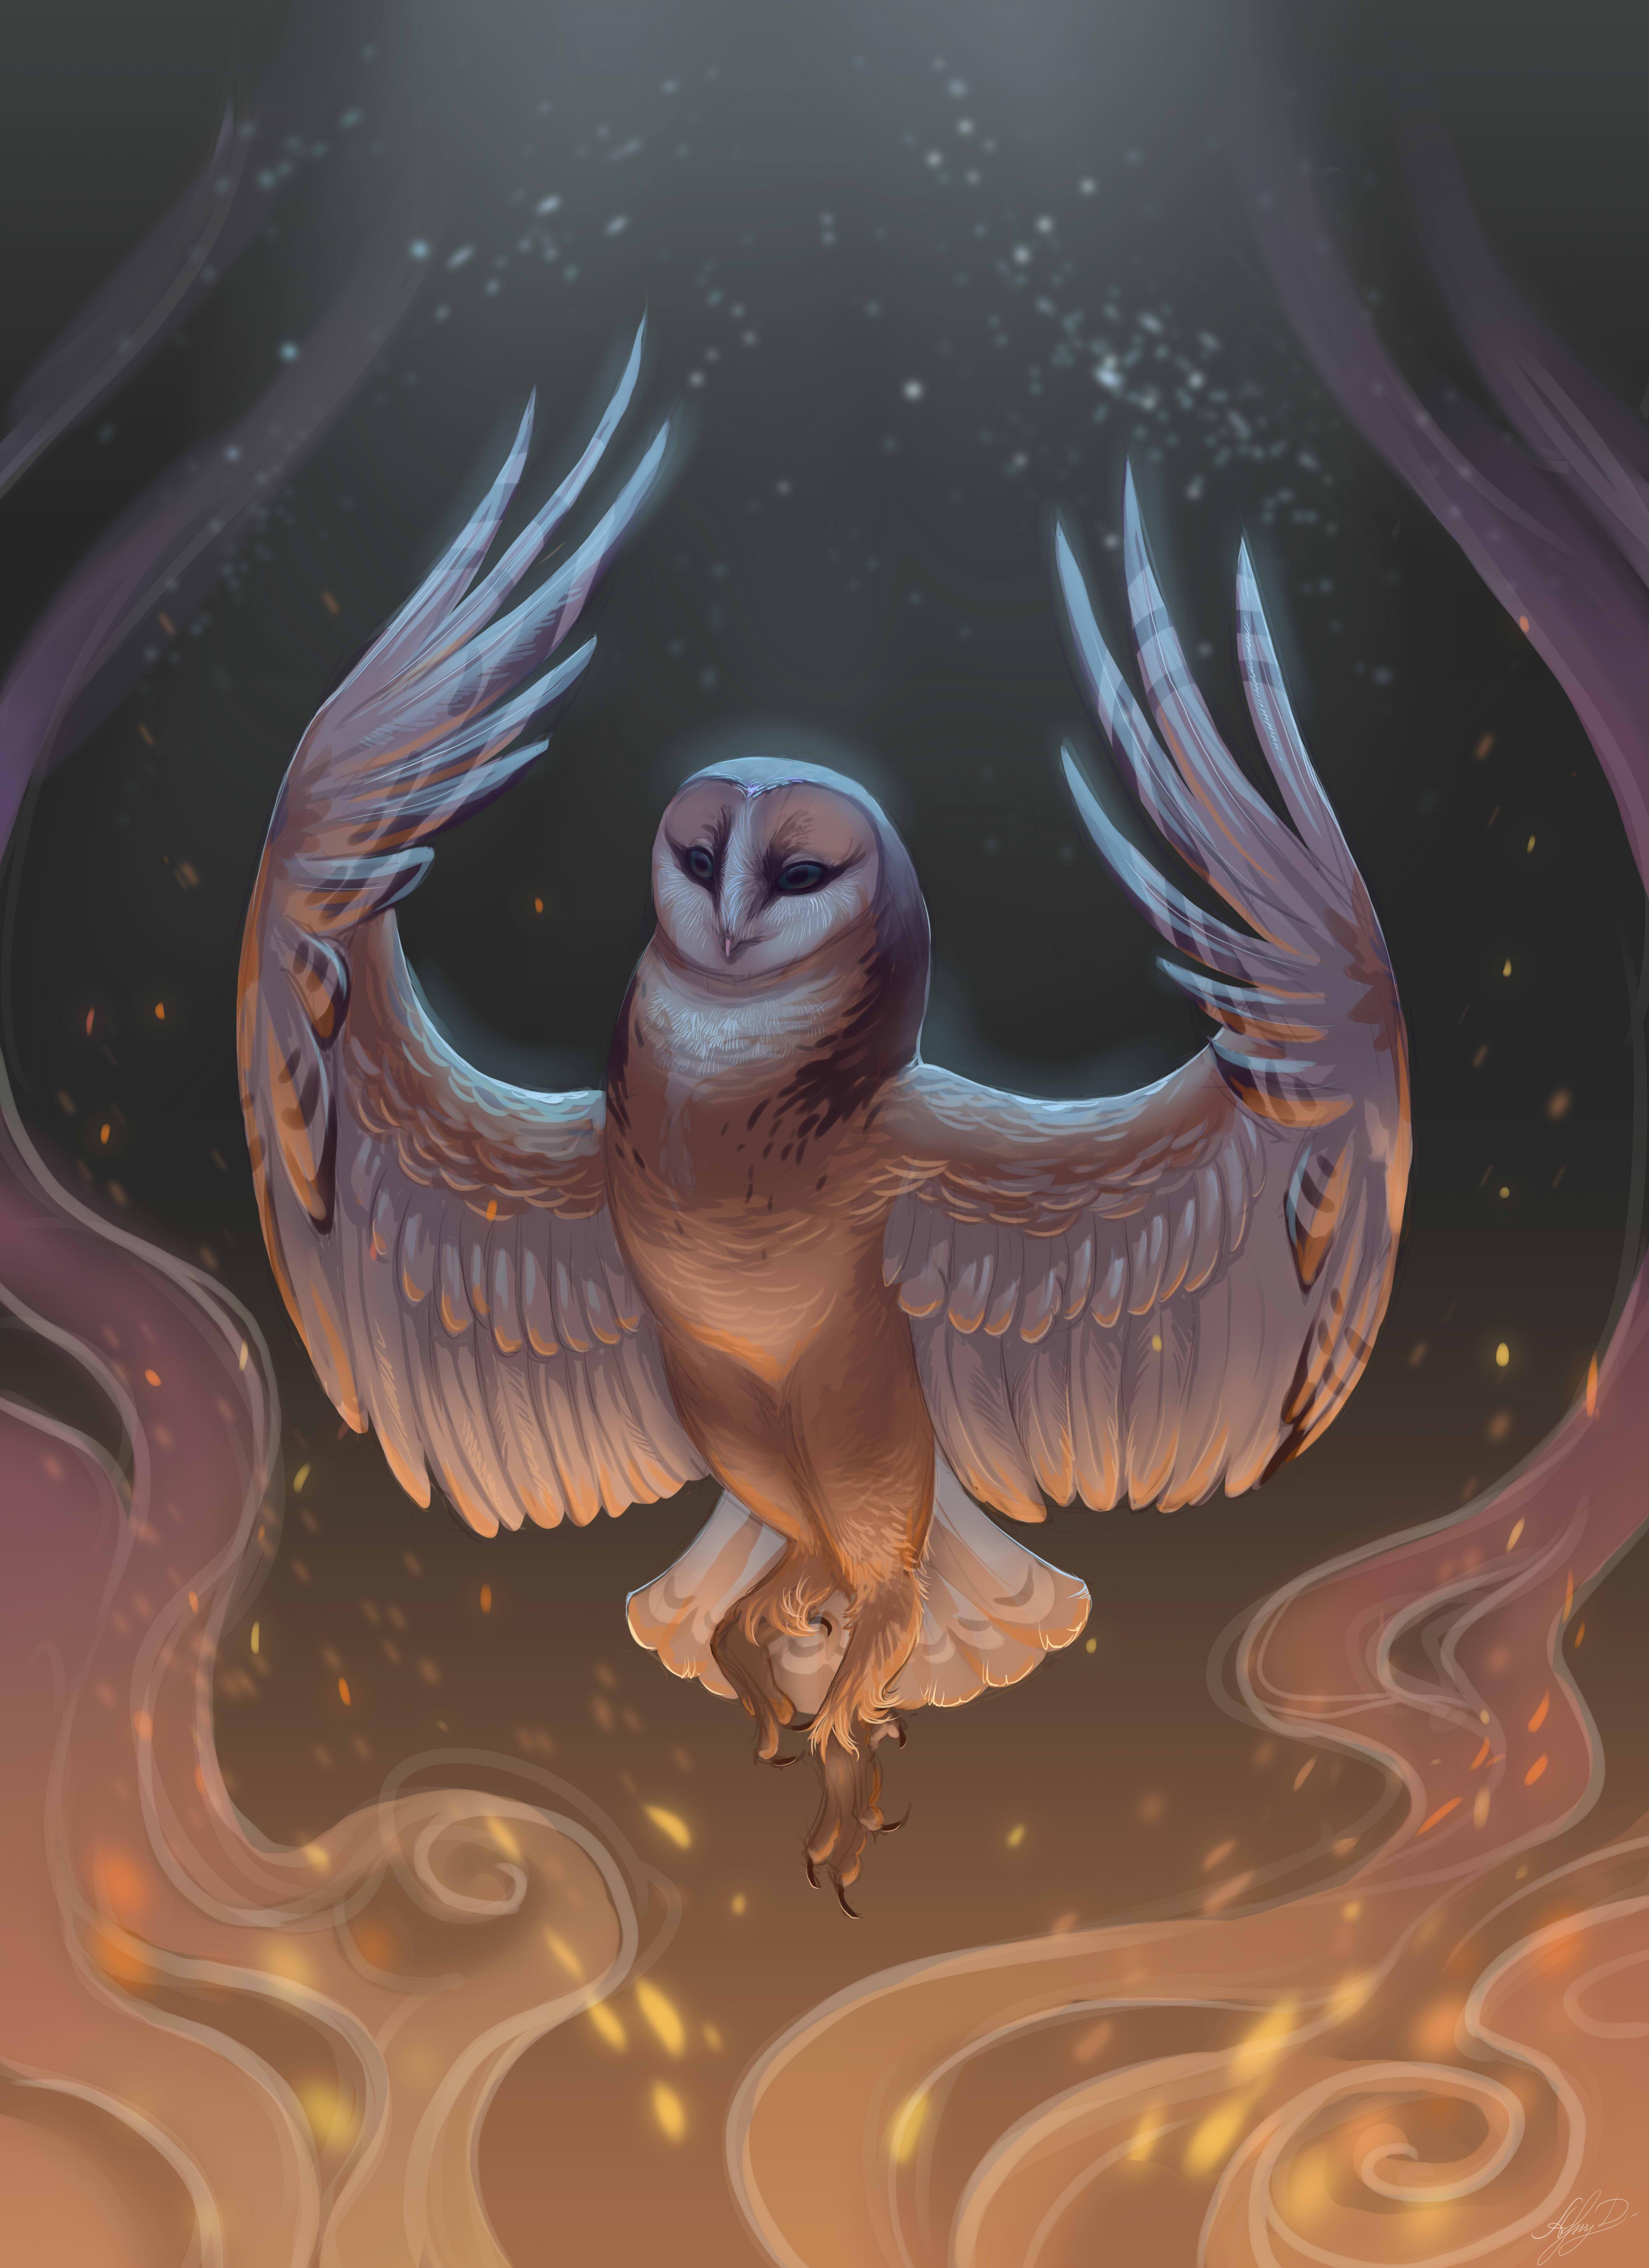 Фото Фантастическая сова с поднятыми крыльями